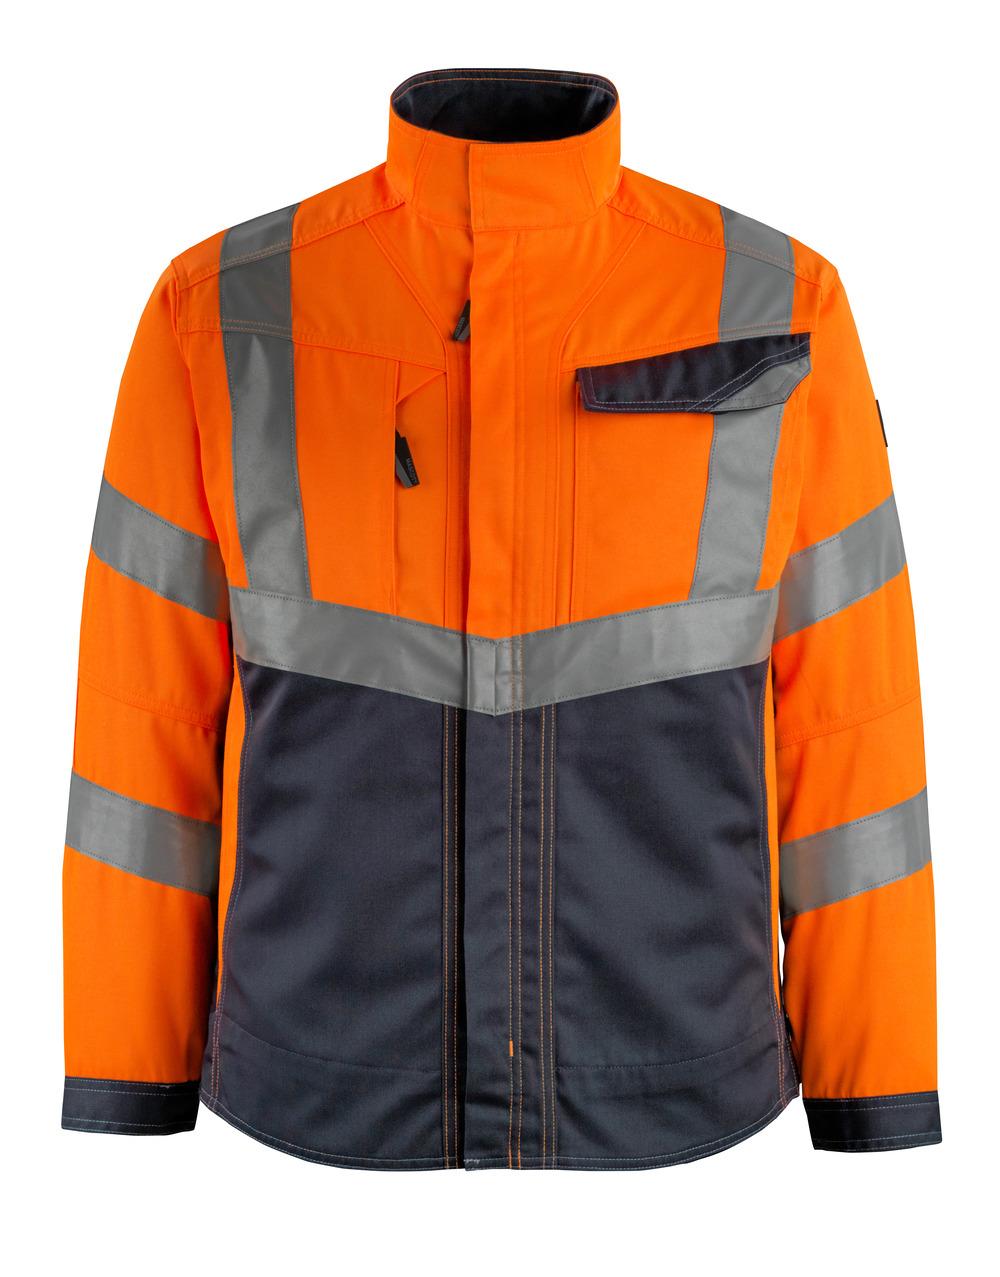 15509-860-14010 Jacke - hi-vis Orange/Schwarzblau